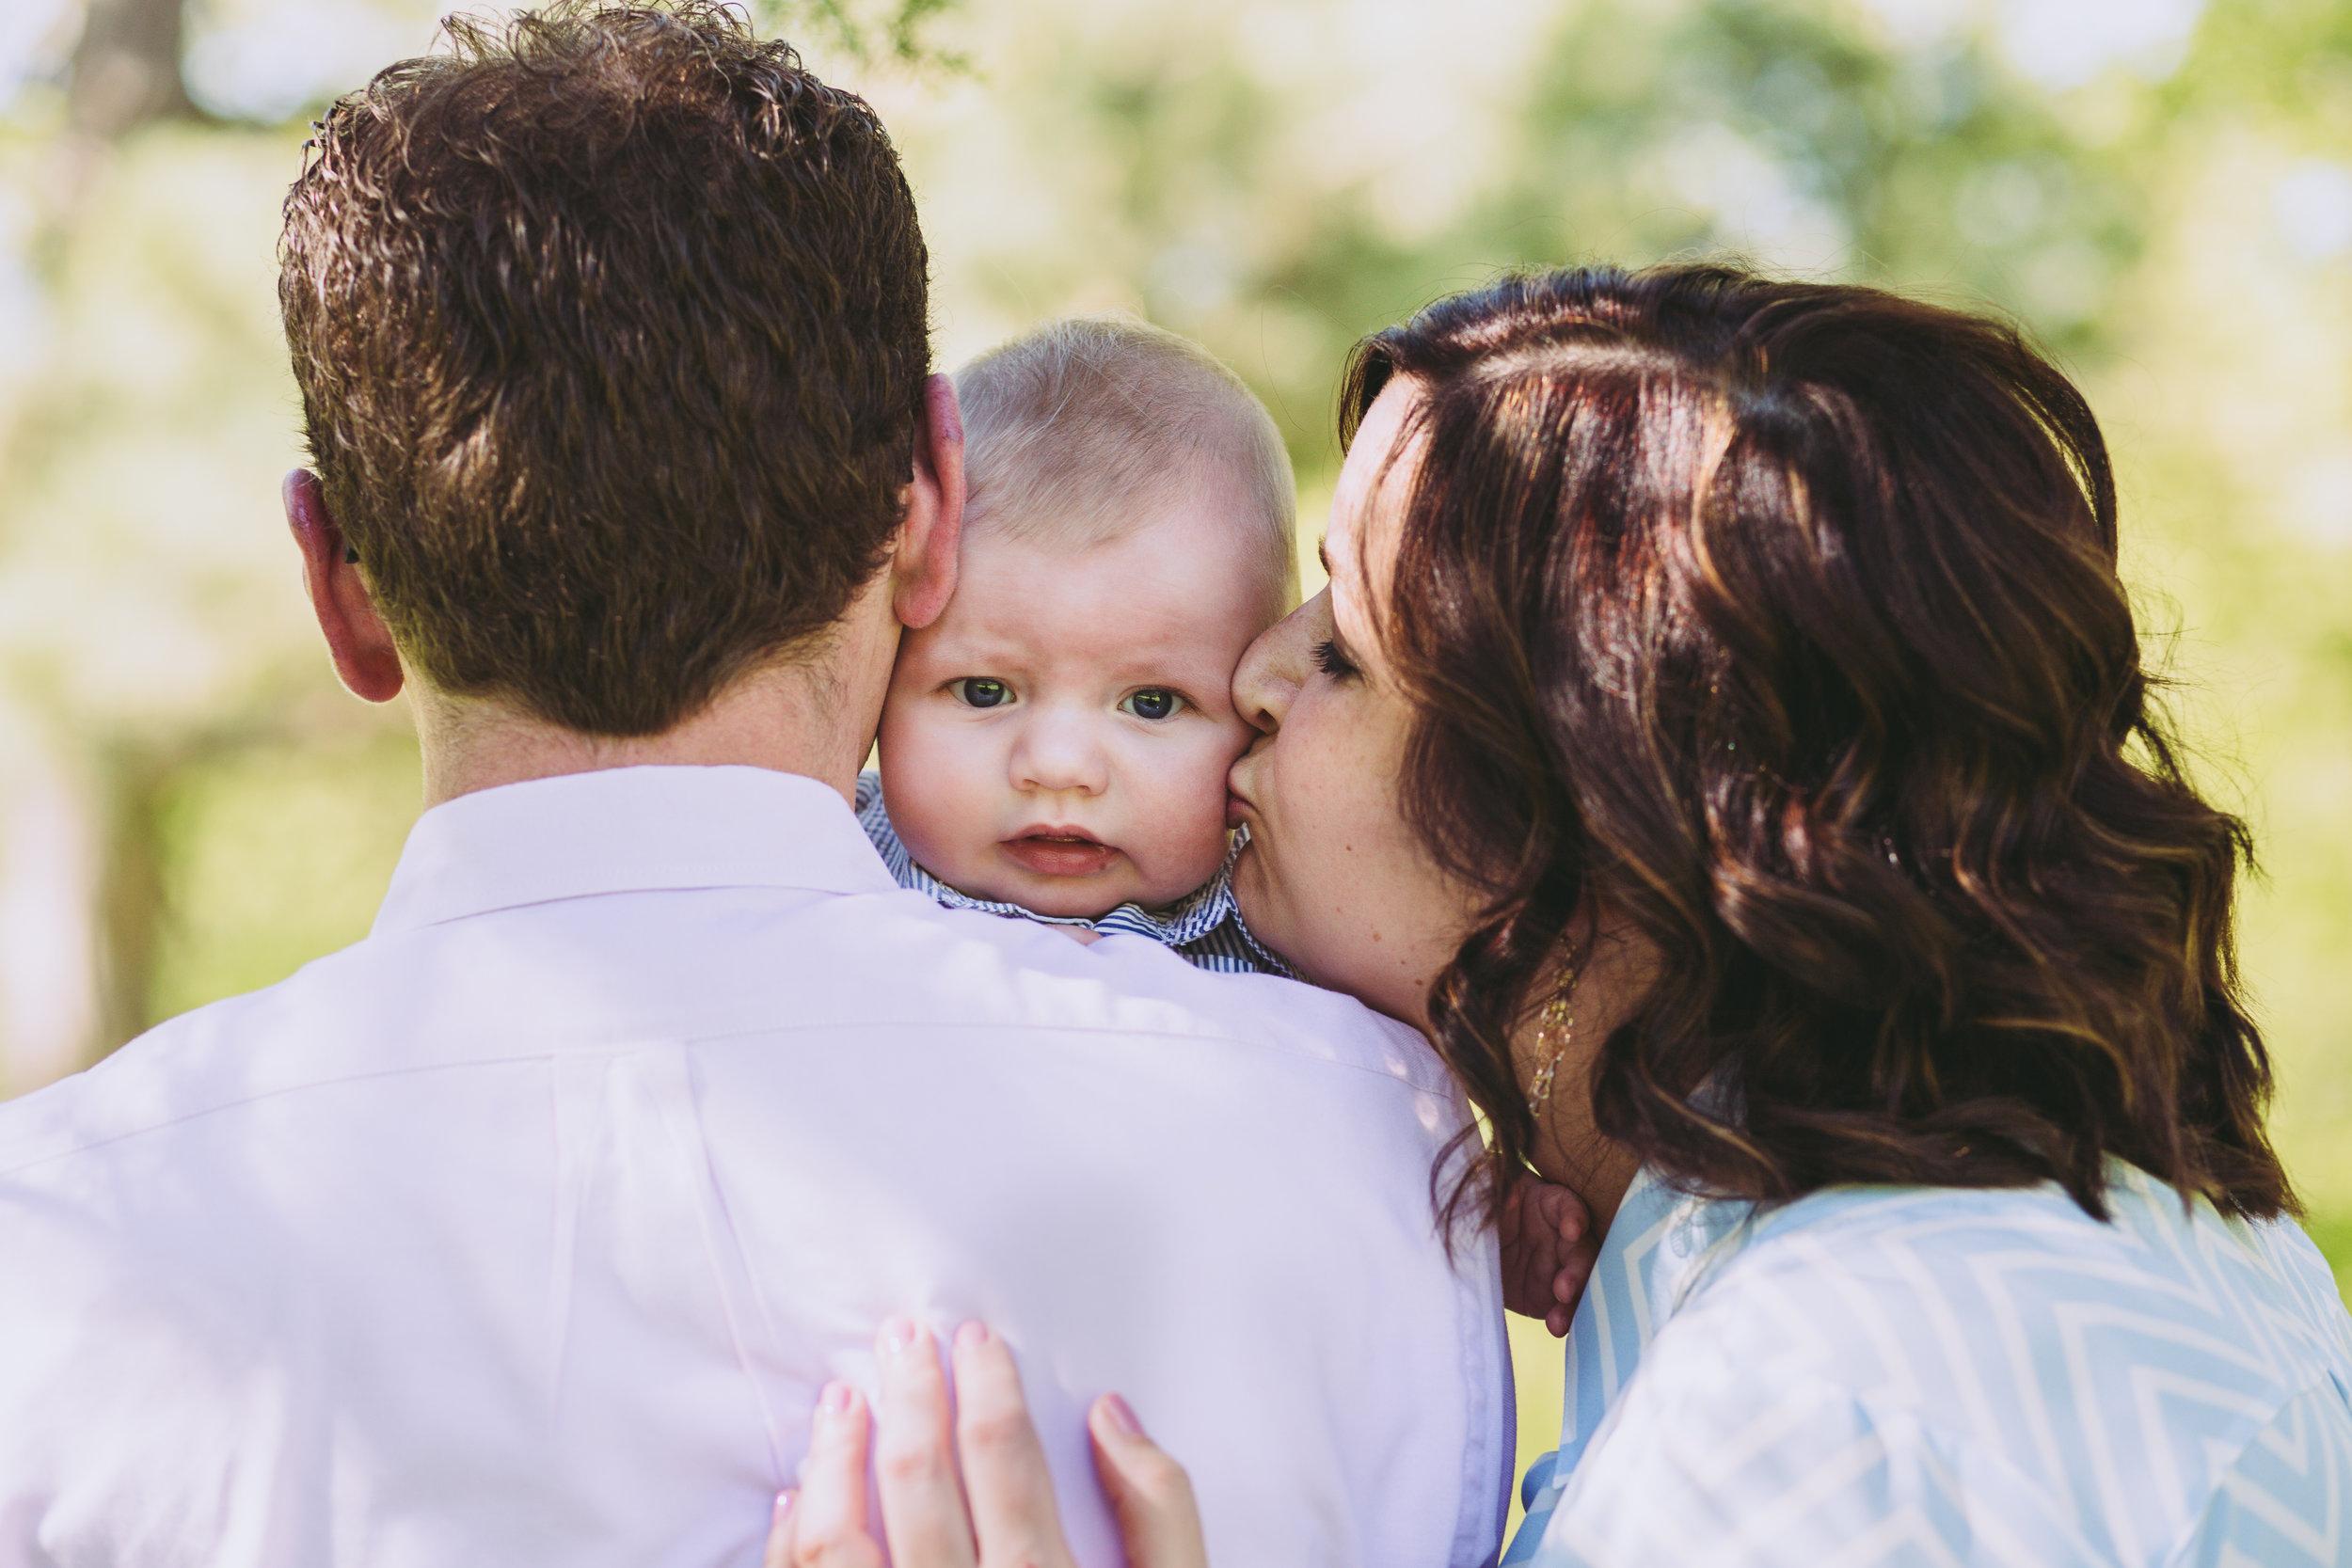 Family_photos_HudsonWI_Birkmose_Park_AWP1